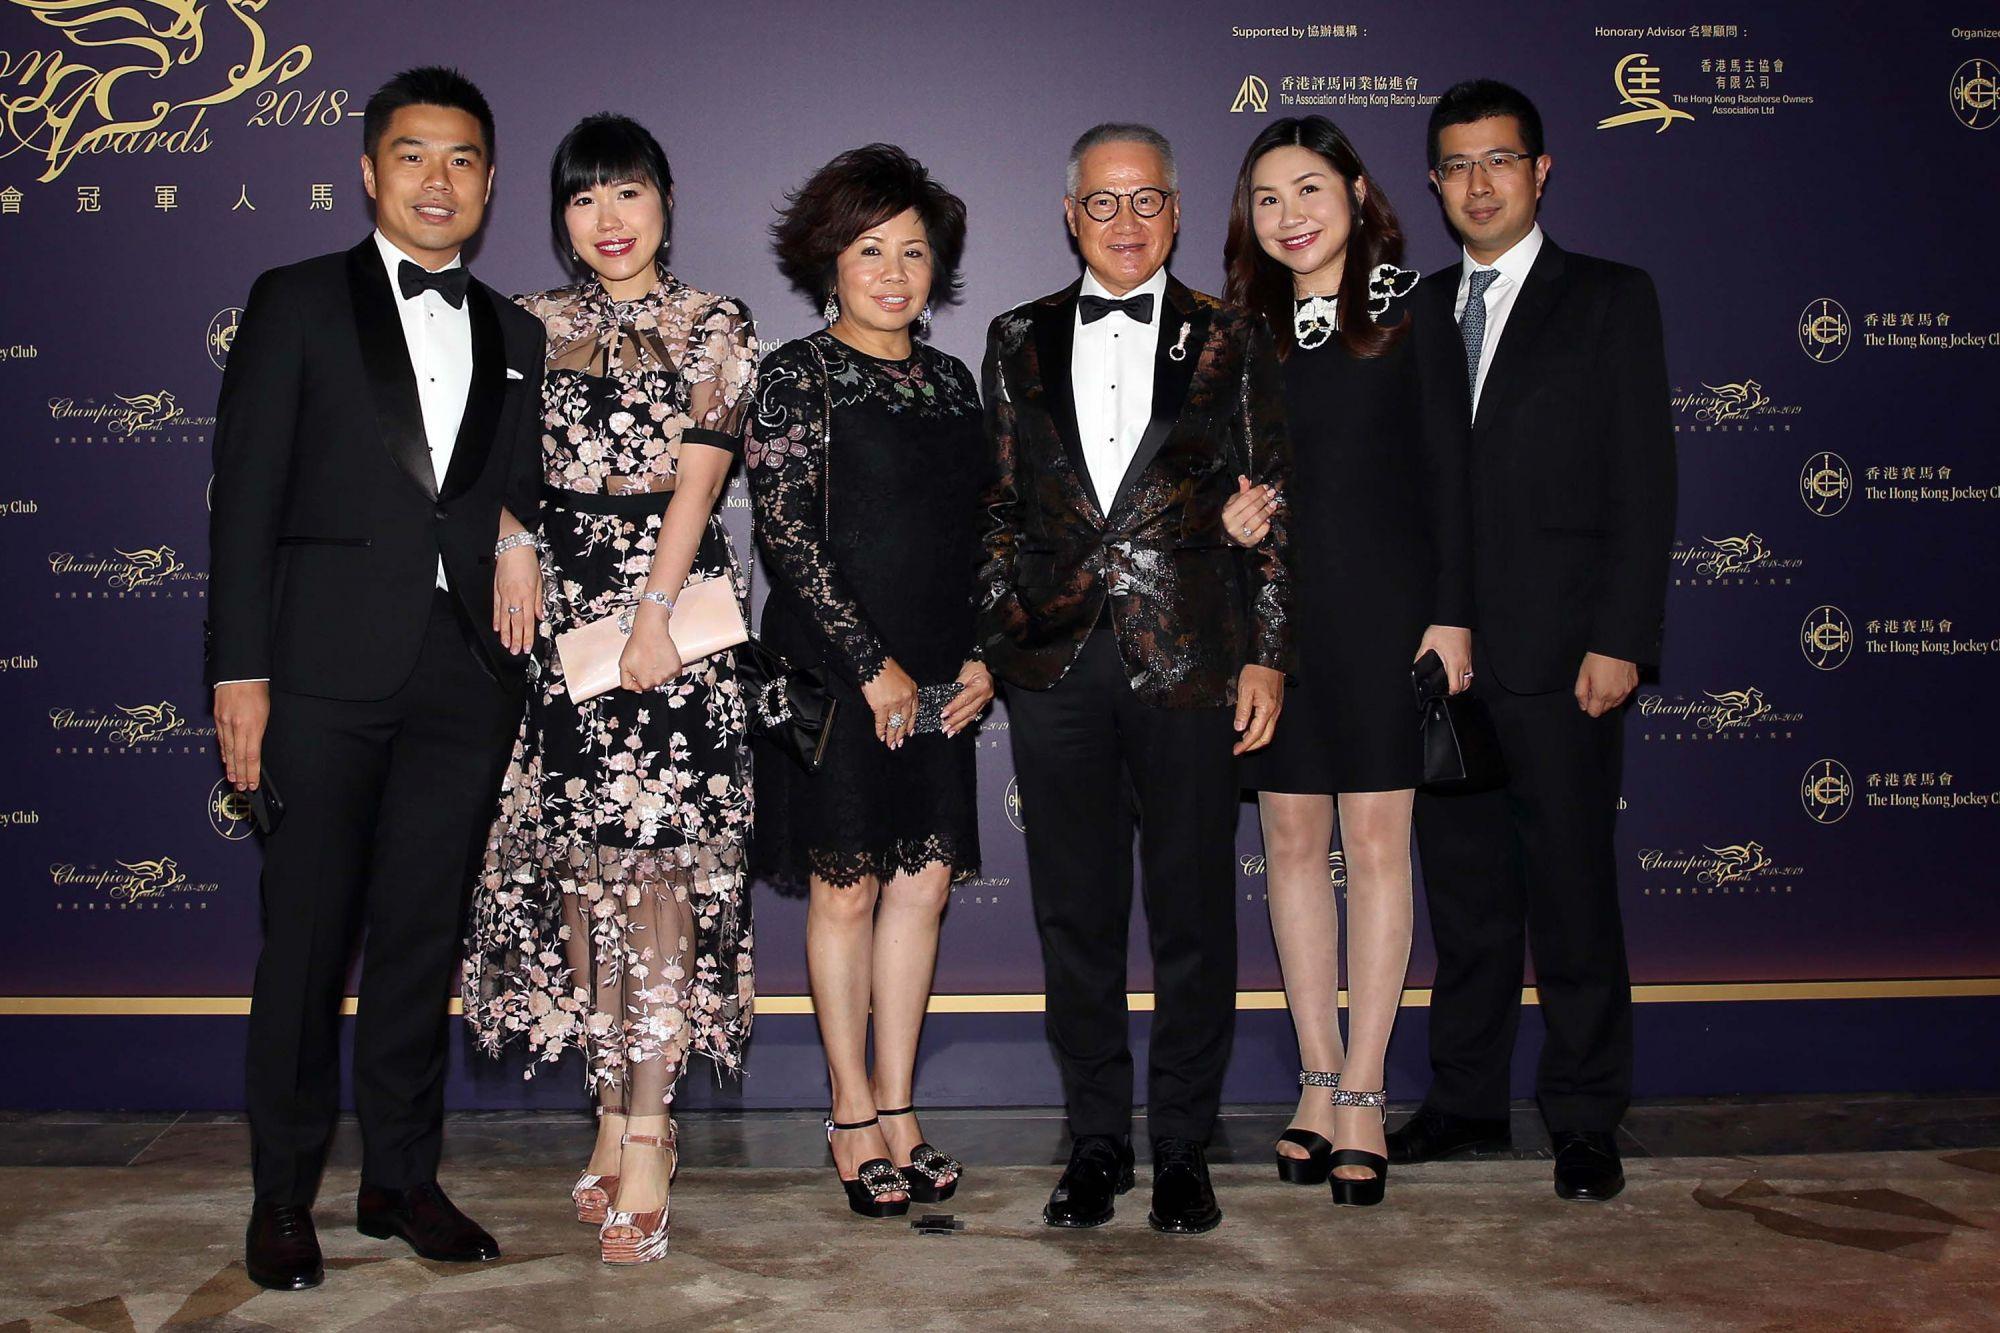 Patrick Kwok, Melody Kwok-Chan, Eleanor Kwok, Simon Kwok, Kitty Kwok-Li, Joseph Li